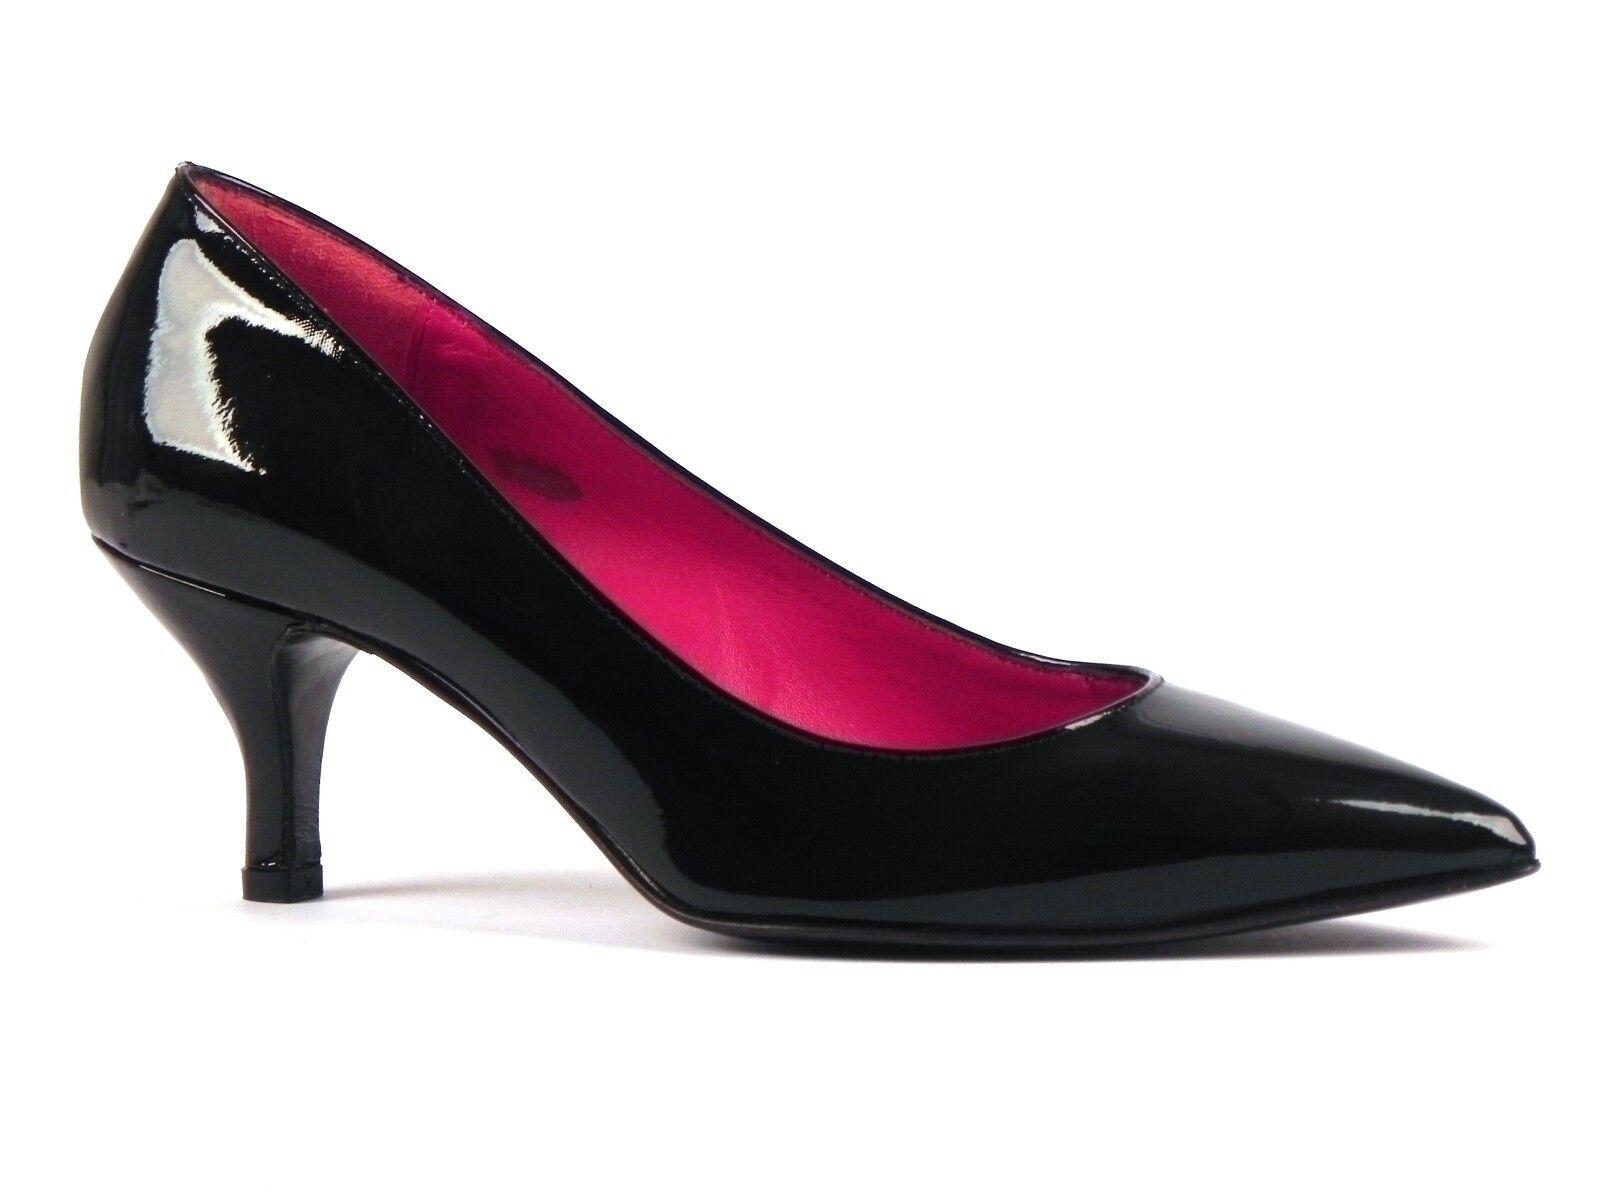 Chaussures femmes BRAND N IT INVERNO 2321  DECOLTE noir